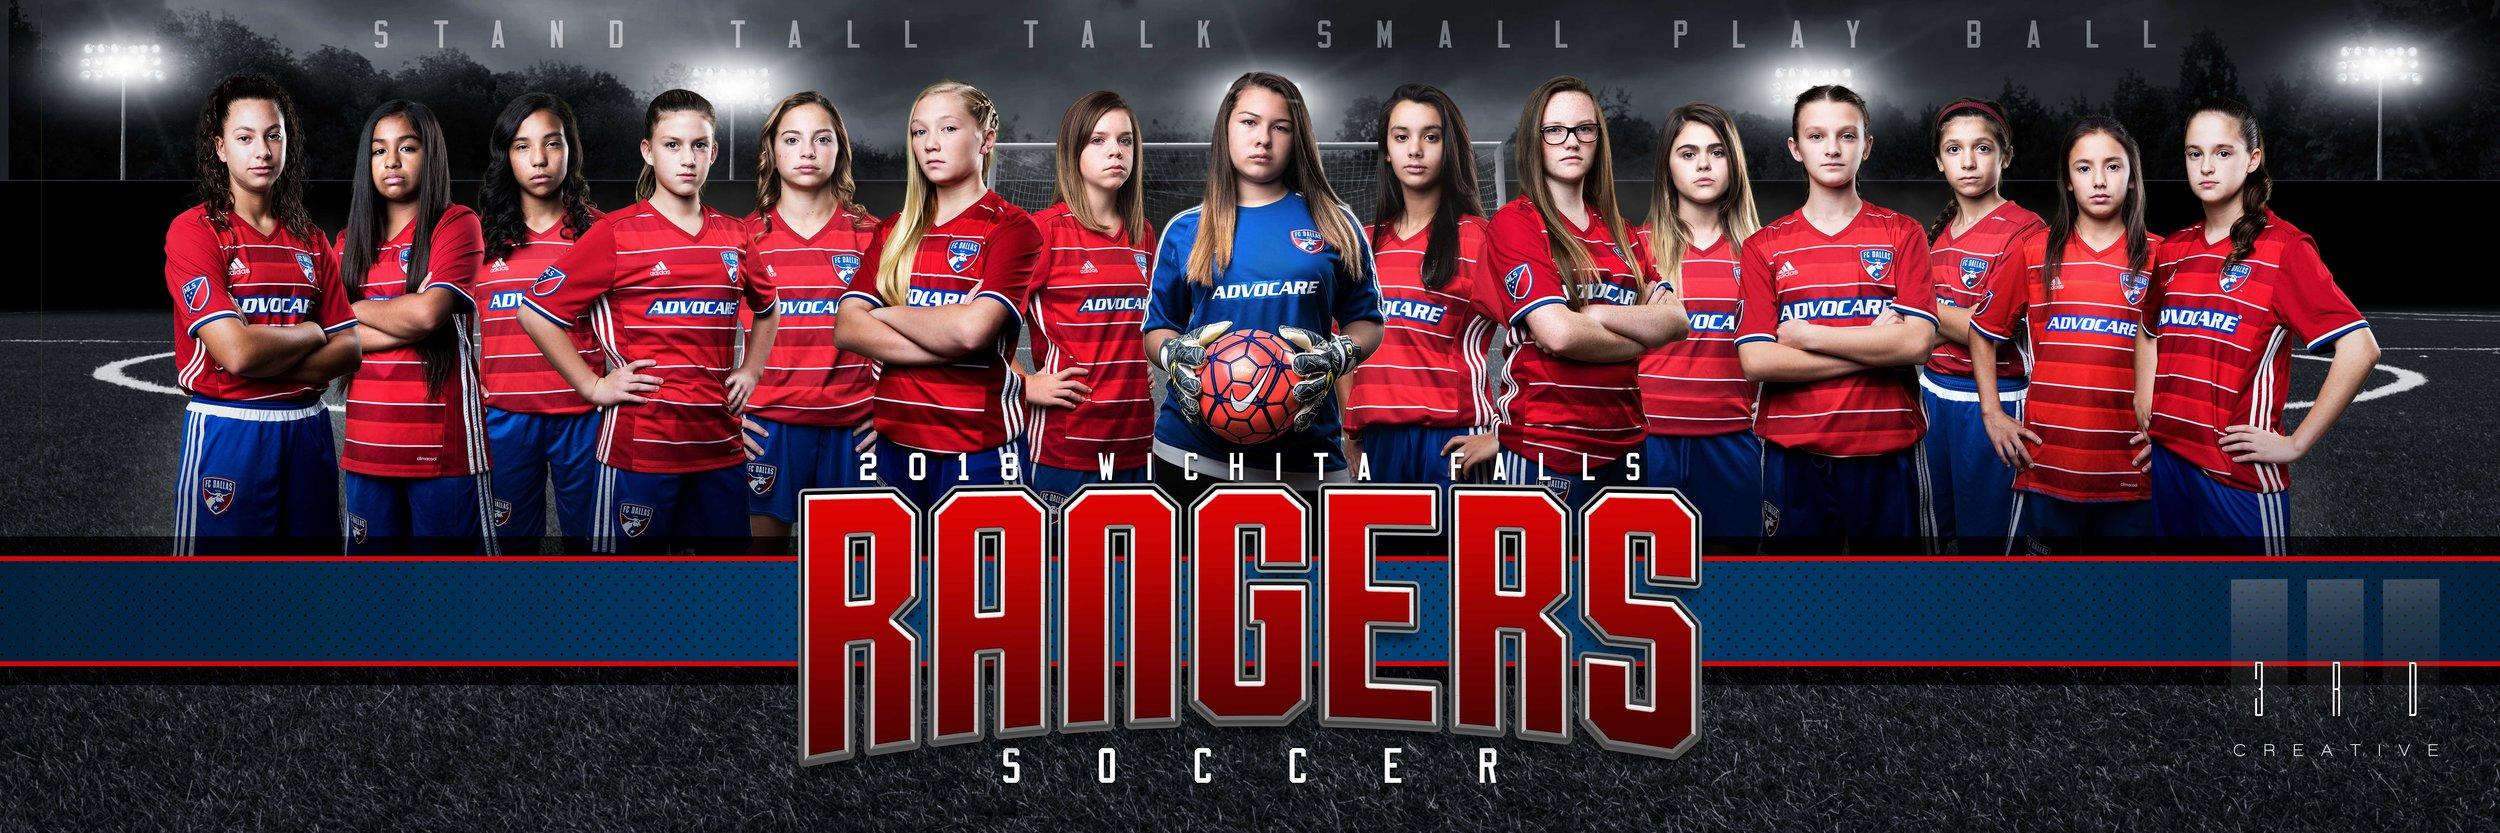 Rangers_Soccert_12x36_Pano_BW.jpg